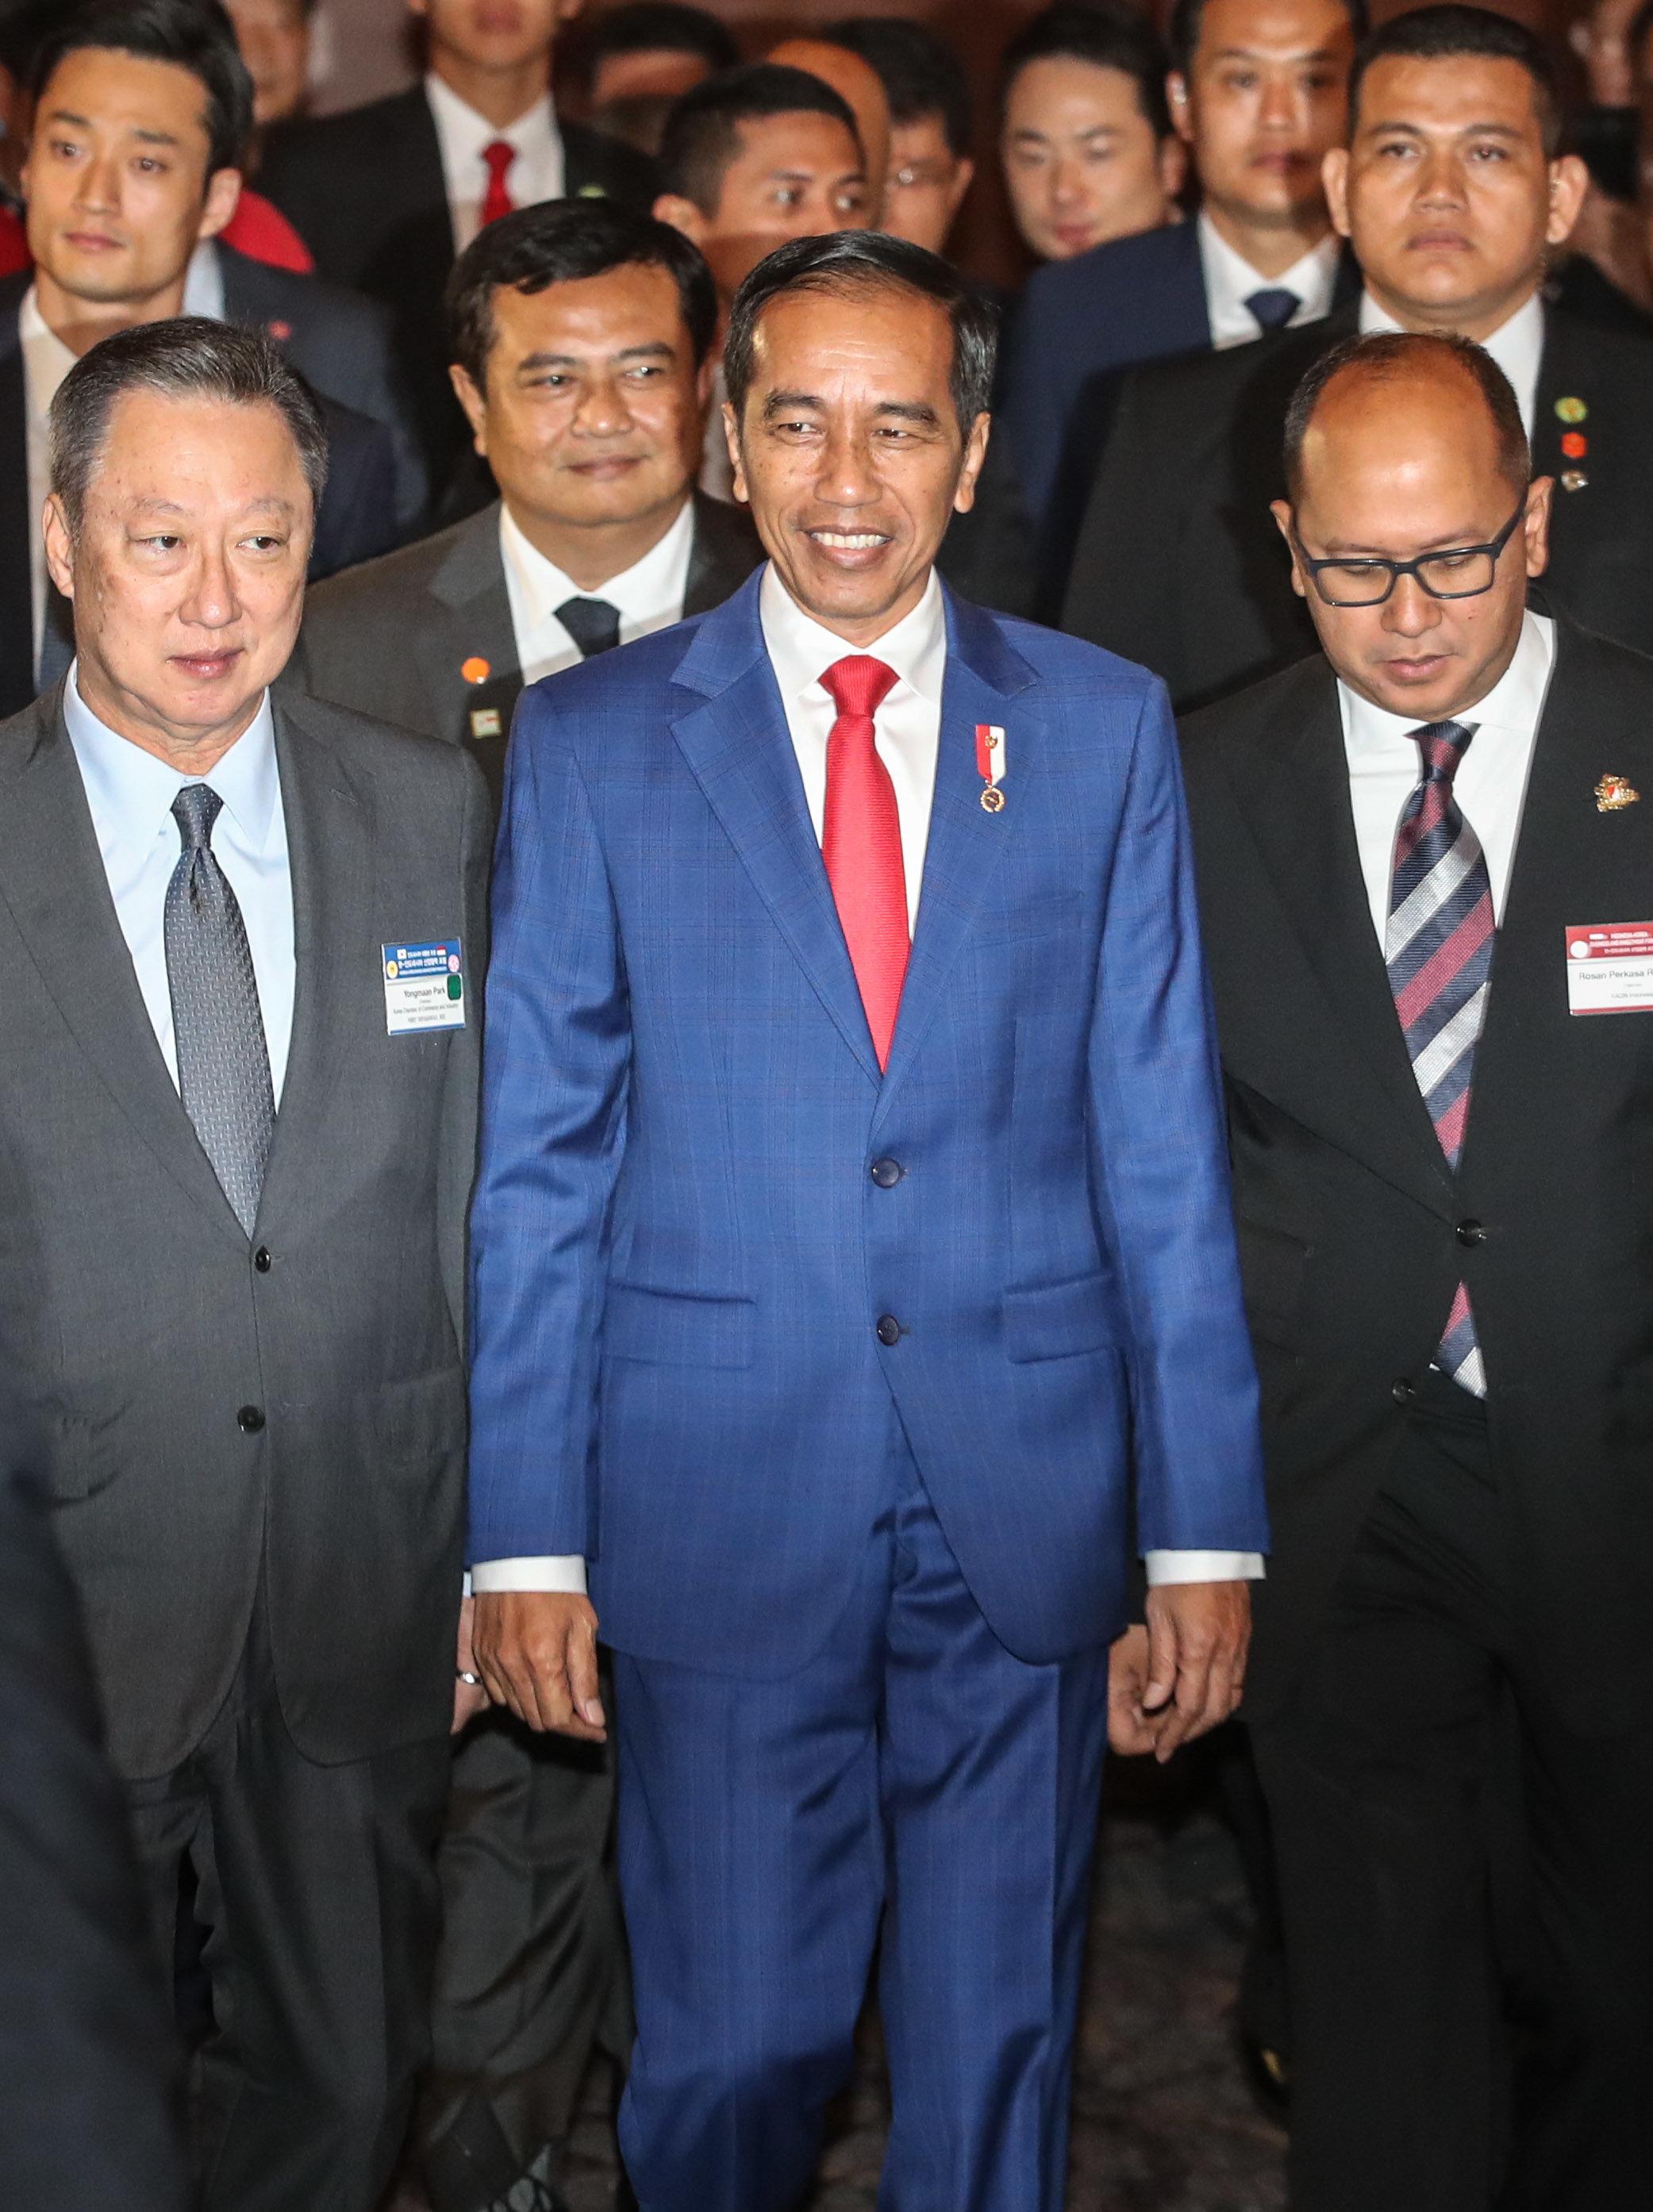 조코위 인도네시아 대통령이 자국 슈퍼주니어 팬 규모를 직접